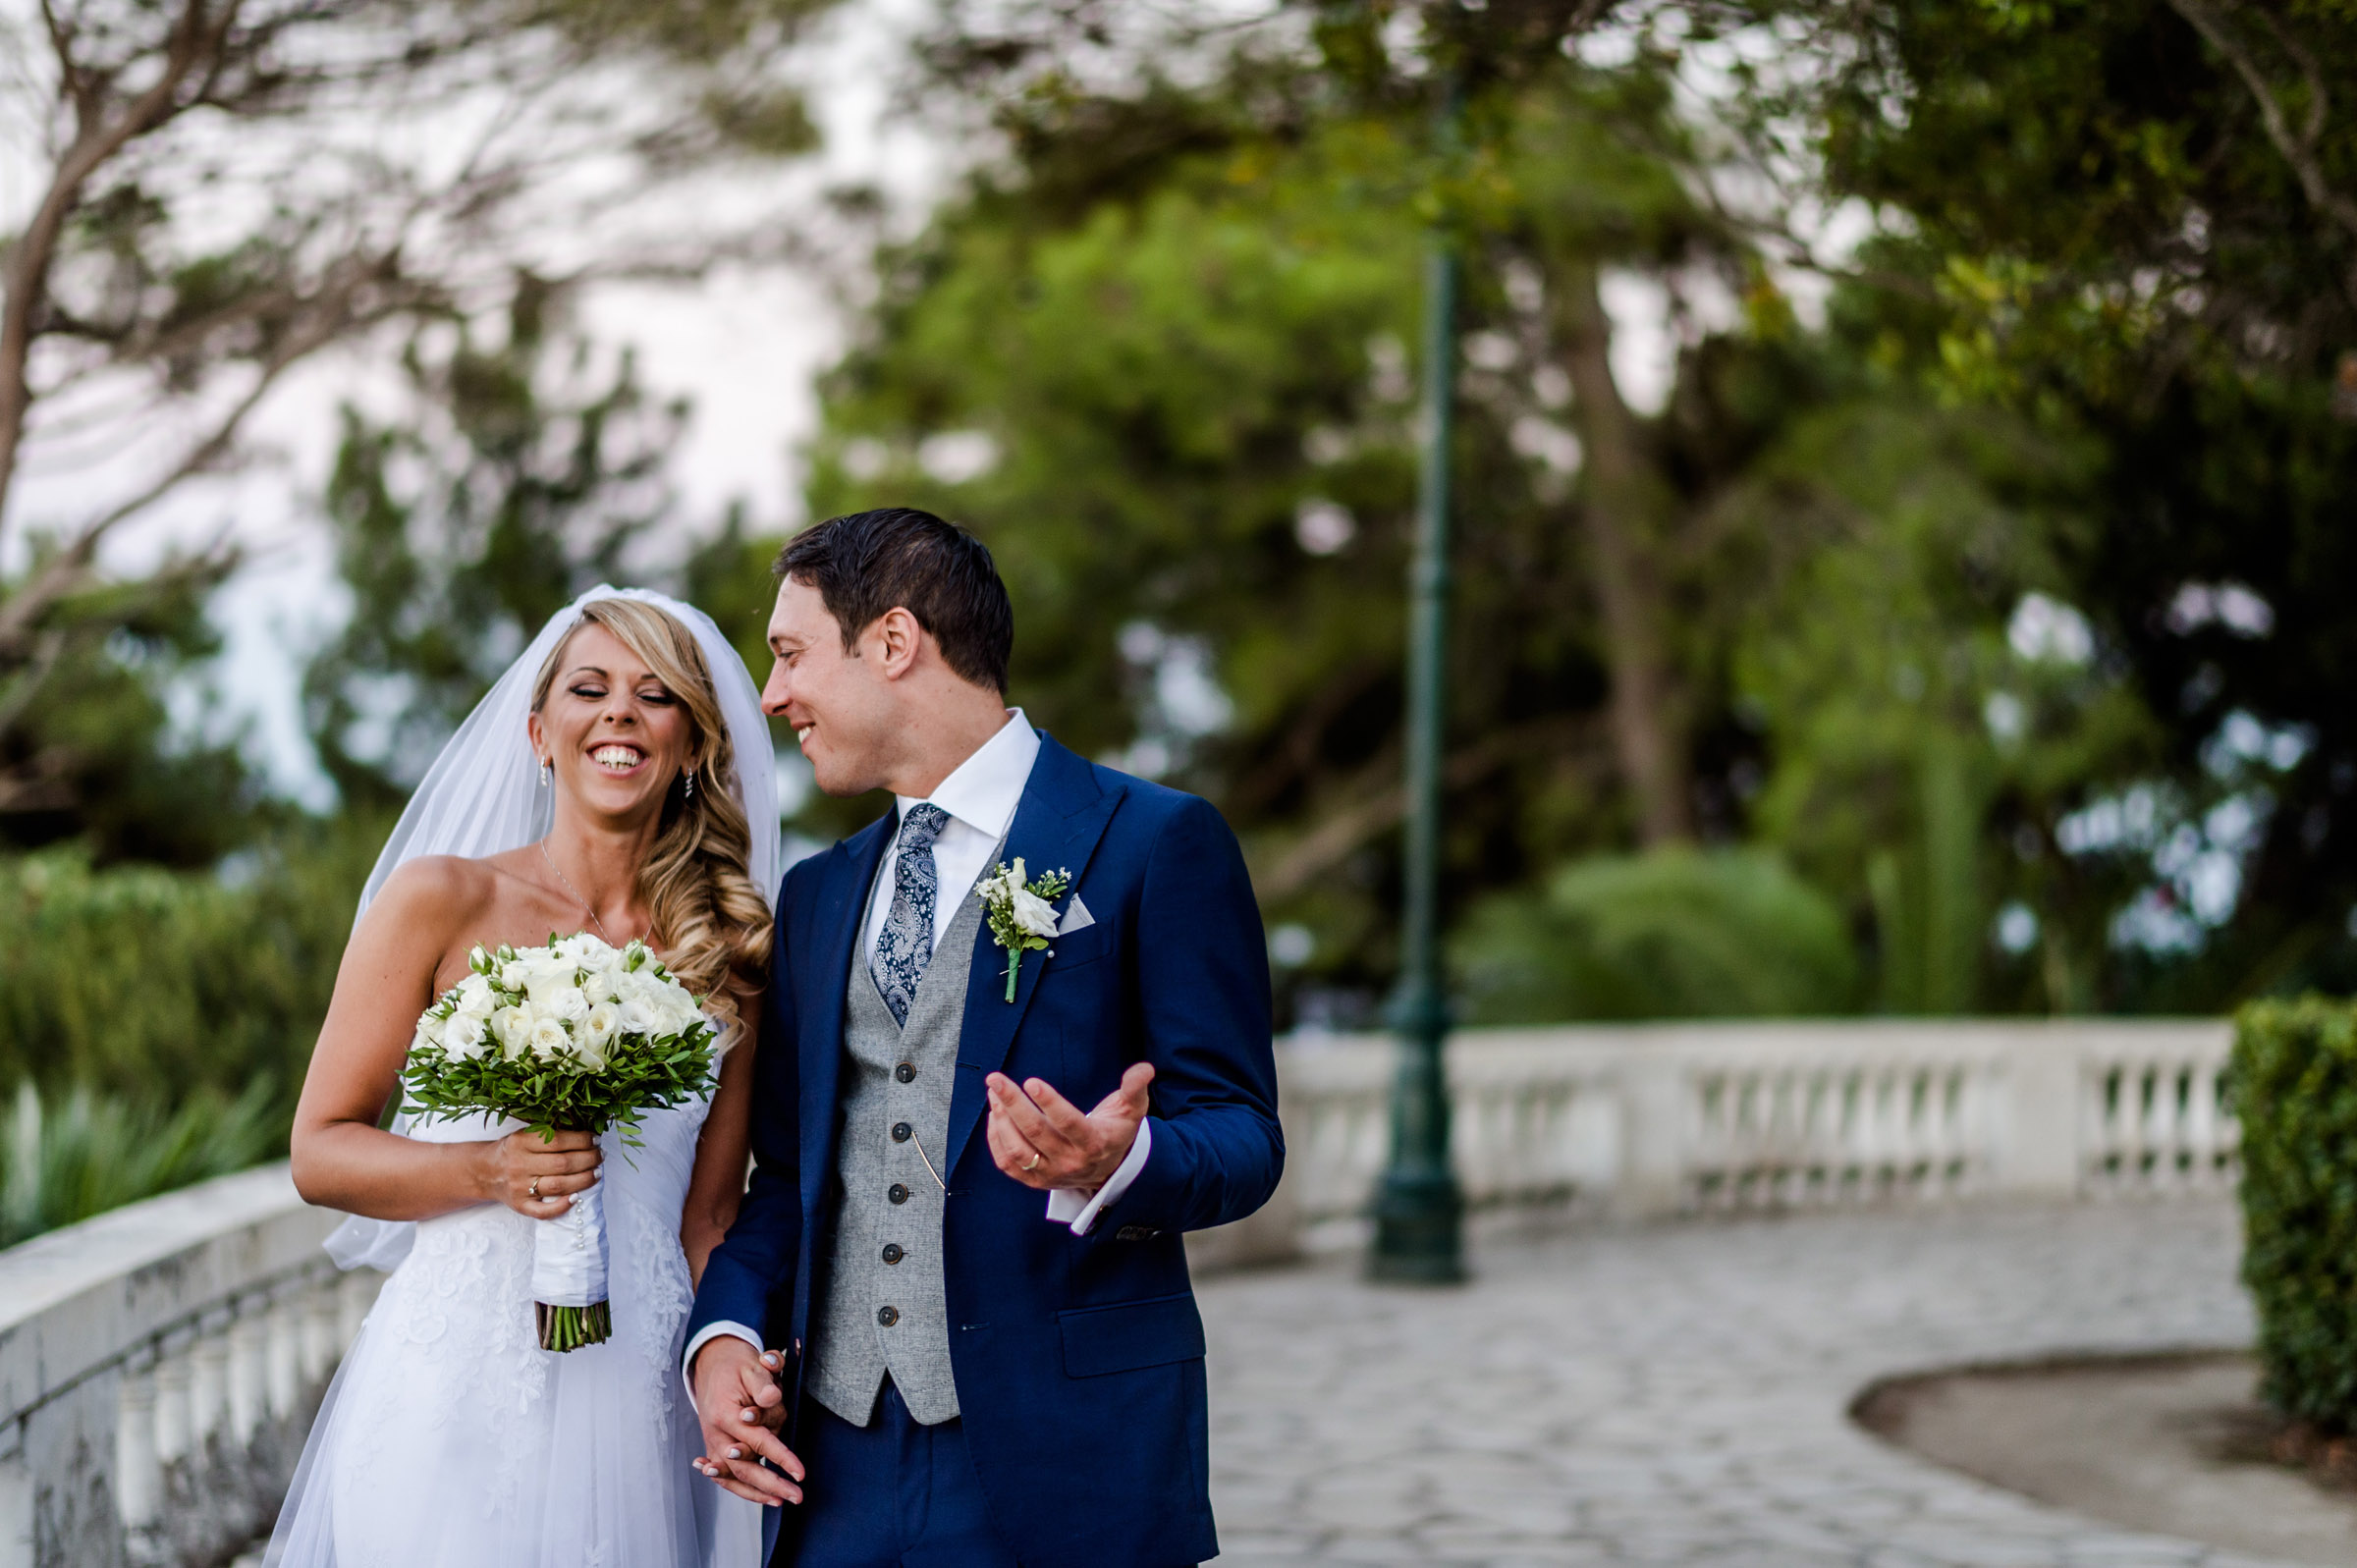 Corfu-Wedding-Photography-0047.jpg